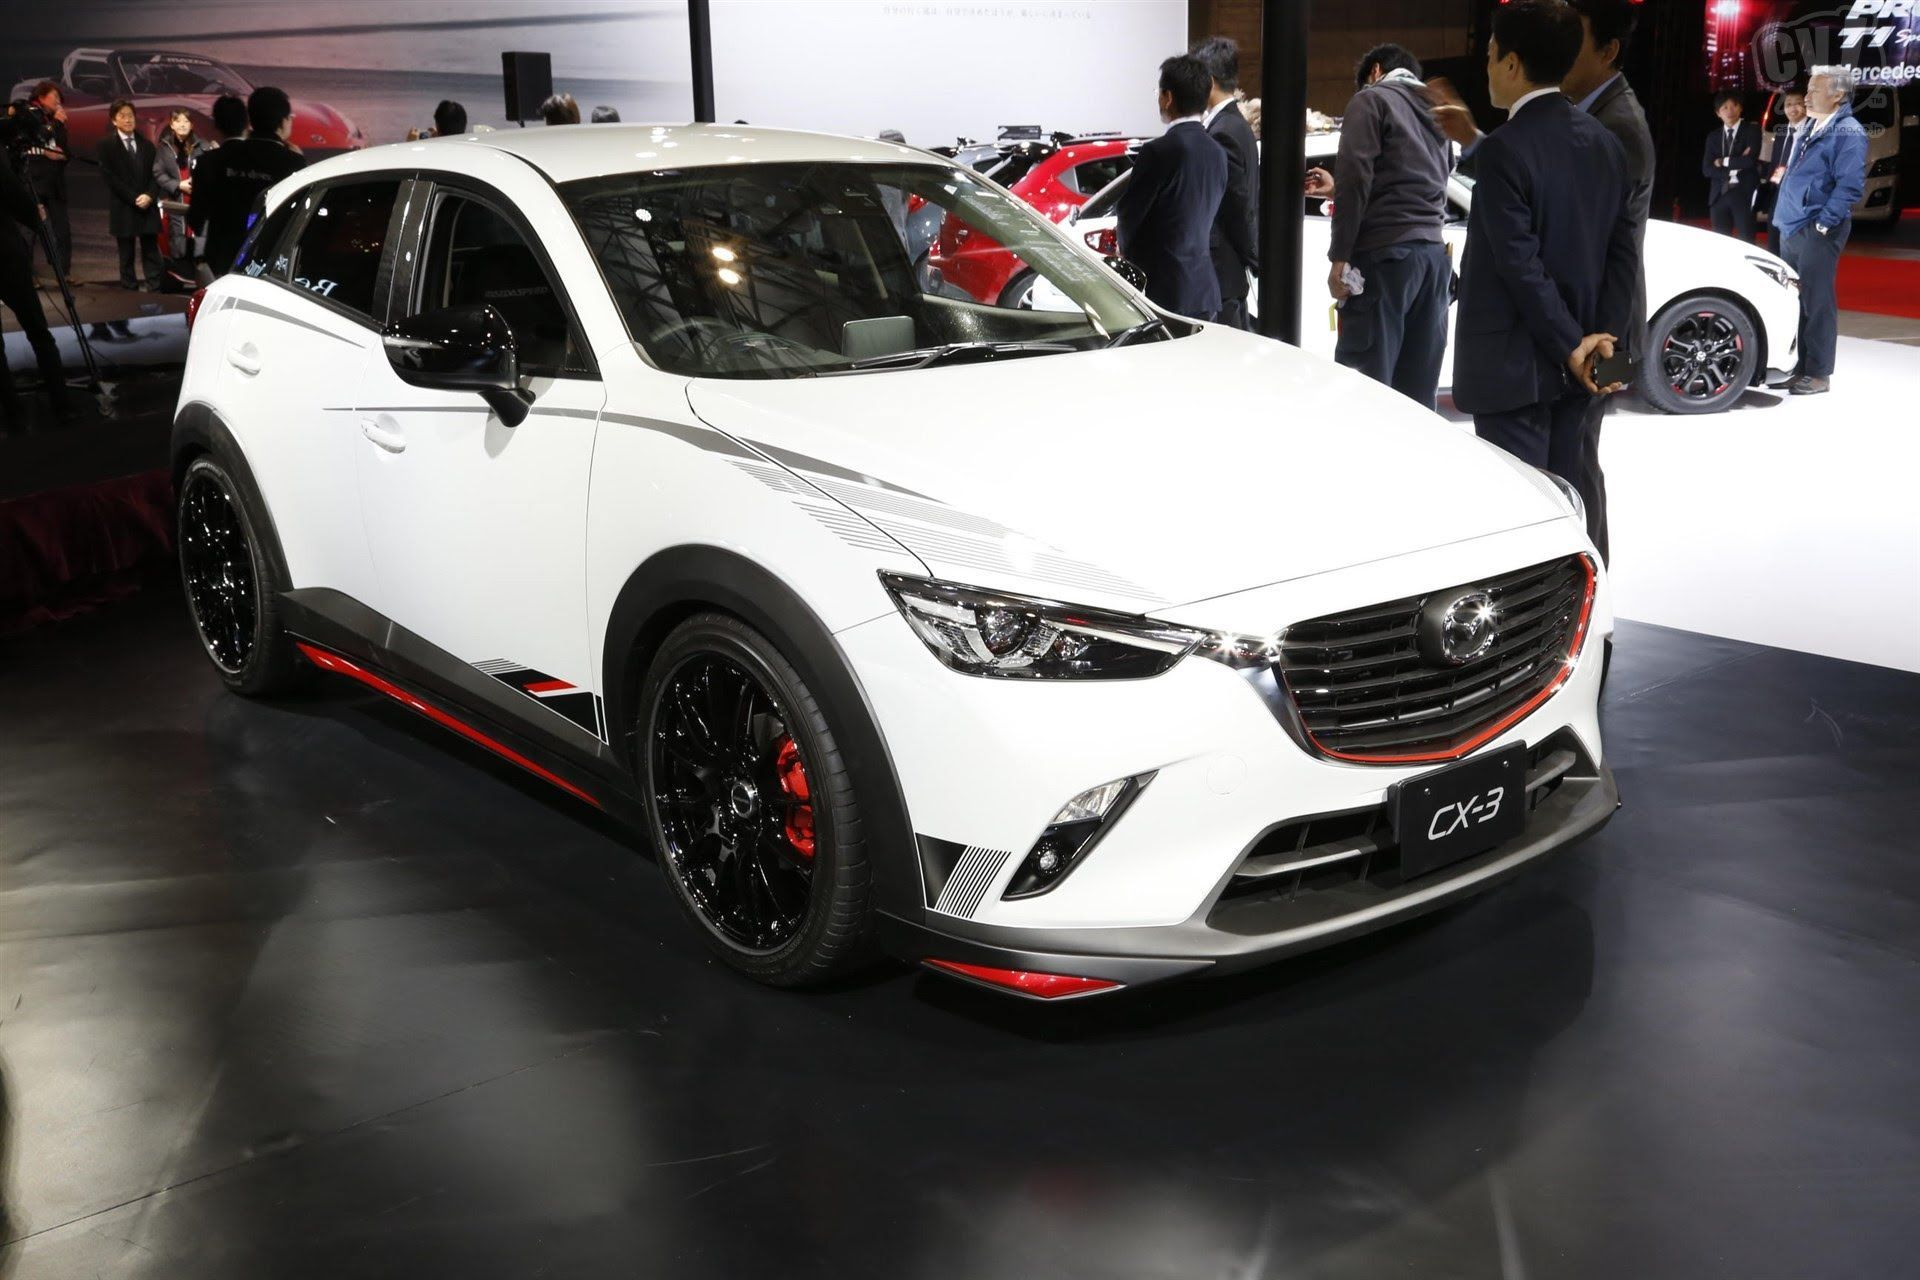 2017 mazda cx 3 grand touring review australia cars for you - Mazda Cx 3 Racing Concept Tokyo Auto Salon 2015